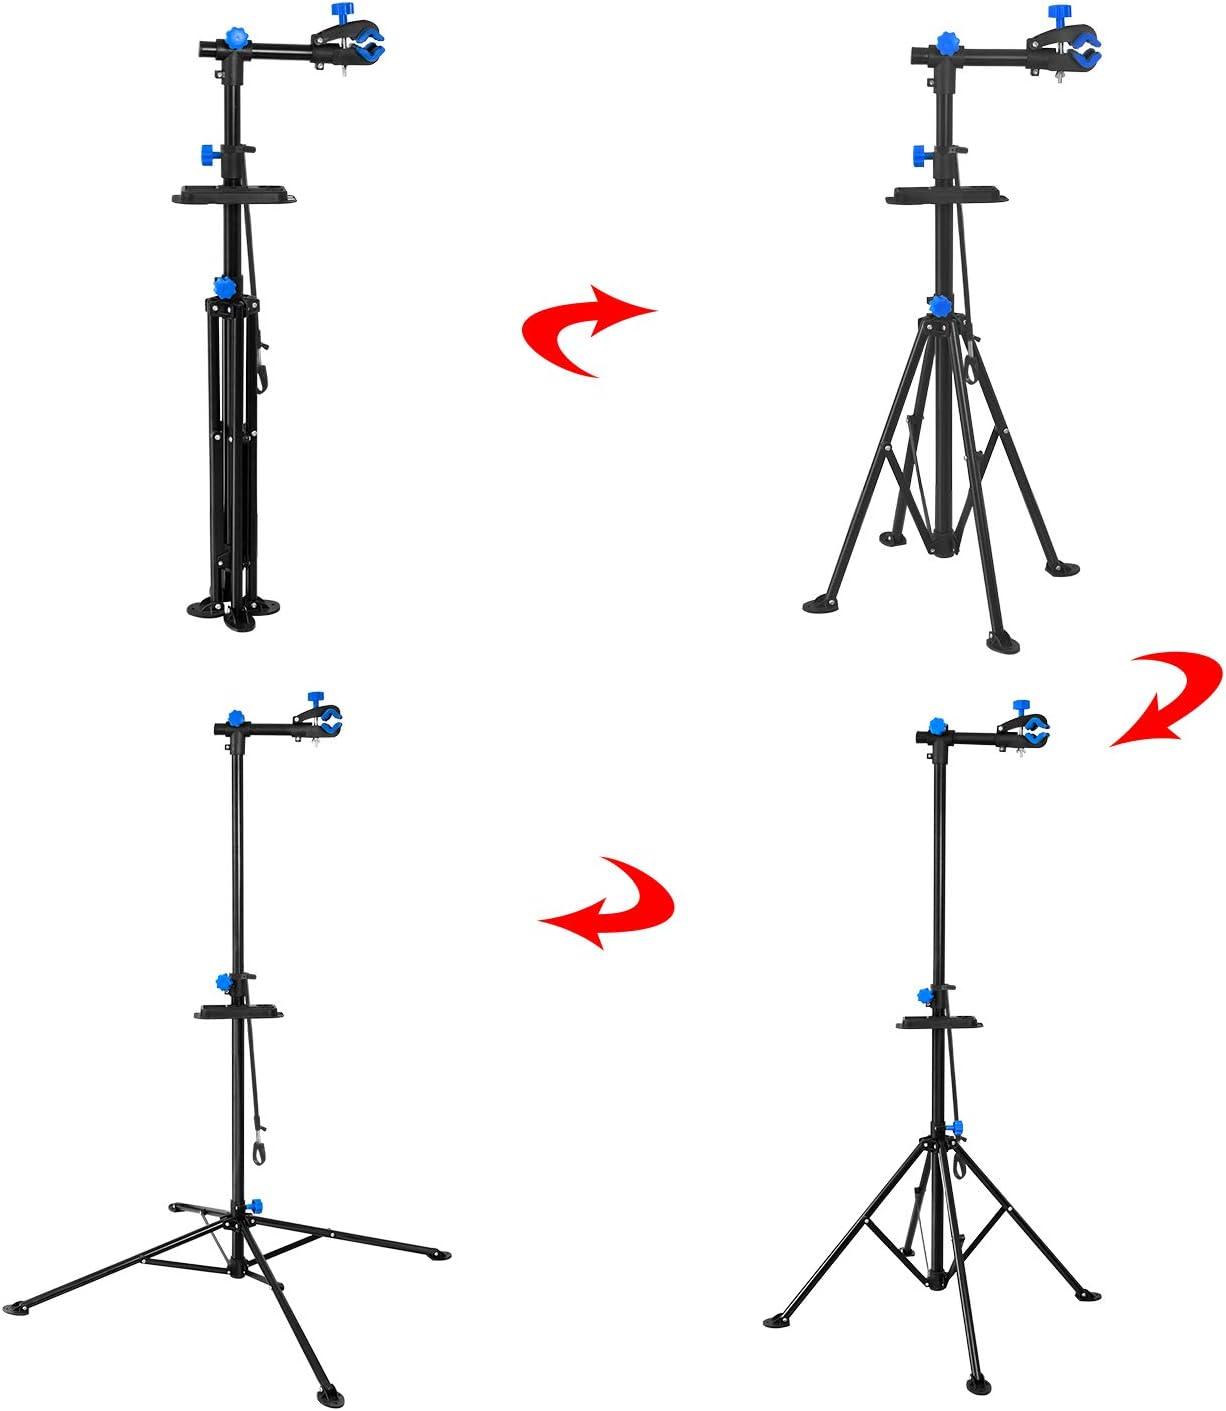 Schwarz Reparaturst/änder 360 Grad Drebar mit Werkzeugschale HEHS Fahrradmontagest/änder Klappbar mit Einstellbar Teleskopsst/änder 50 kg Belastbar